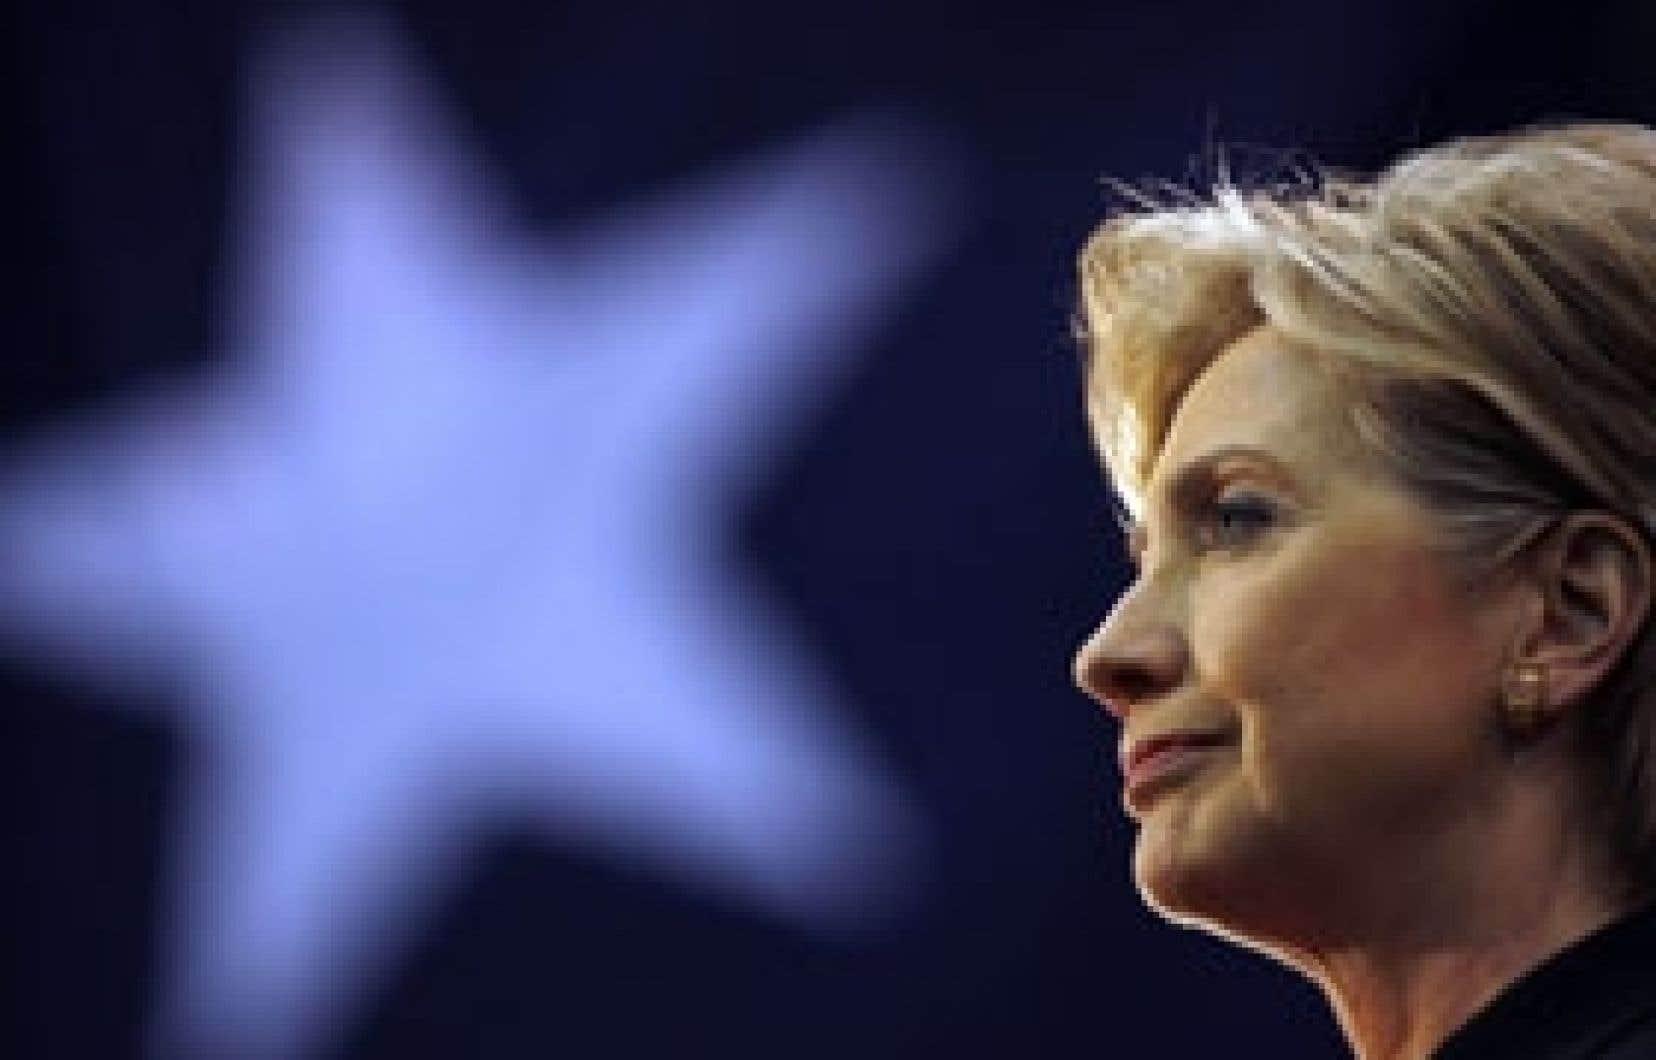 Une source proche de la sénatrice de New York a affirmé hier qu'Hillary Clinton «sera à Chicago [aujourd'hui] pour être nommée secrétaire d'État».